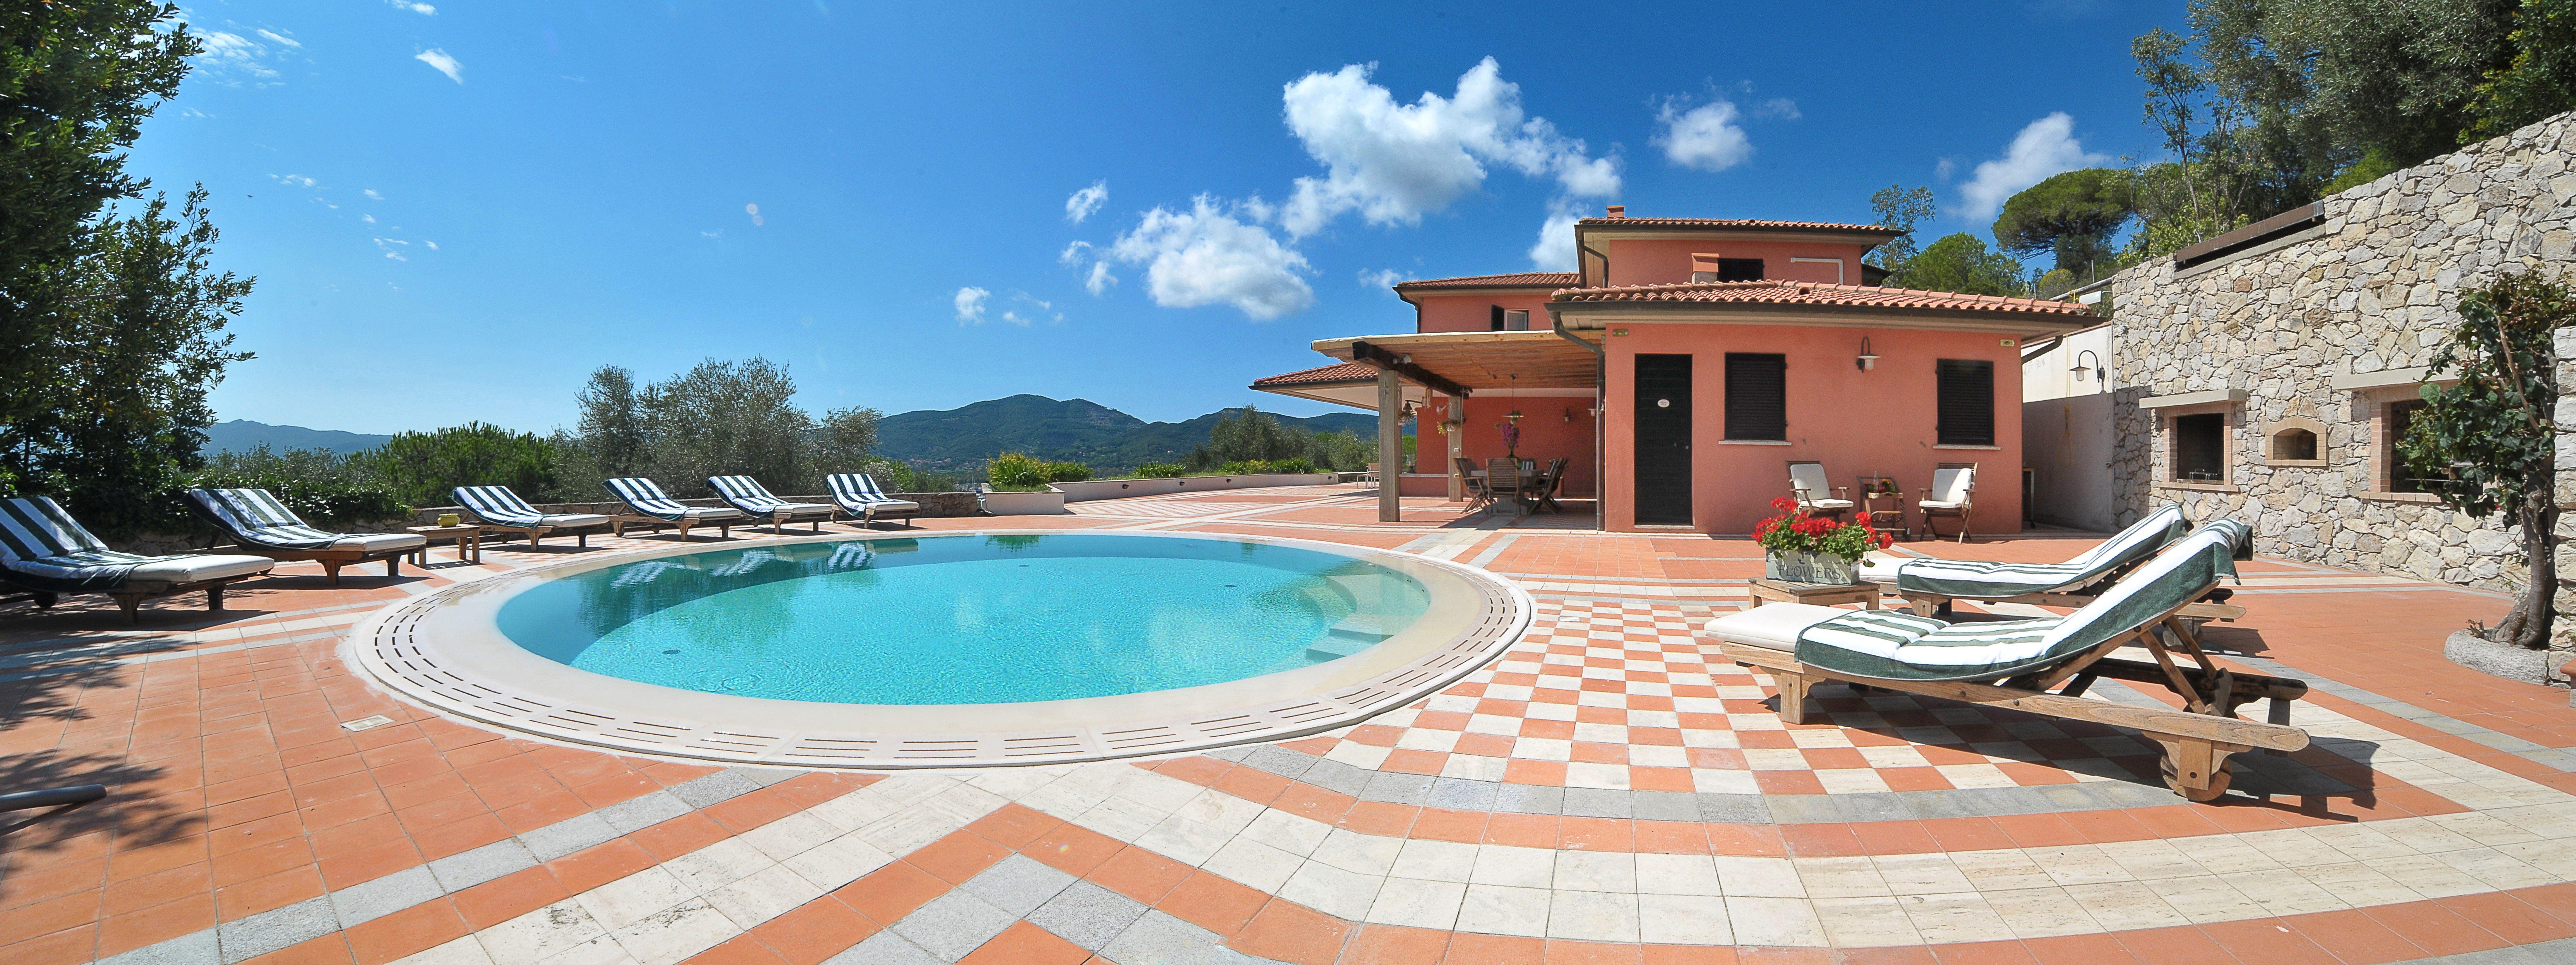 Vendita villa con piscina a portoferraio livorno toscana italia ville casali vendita - Ville in vendita con piscina ...